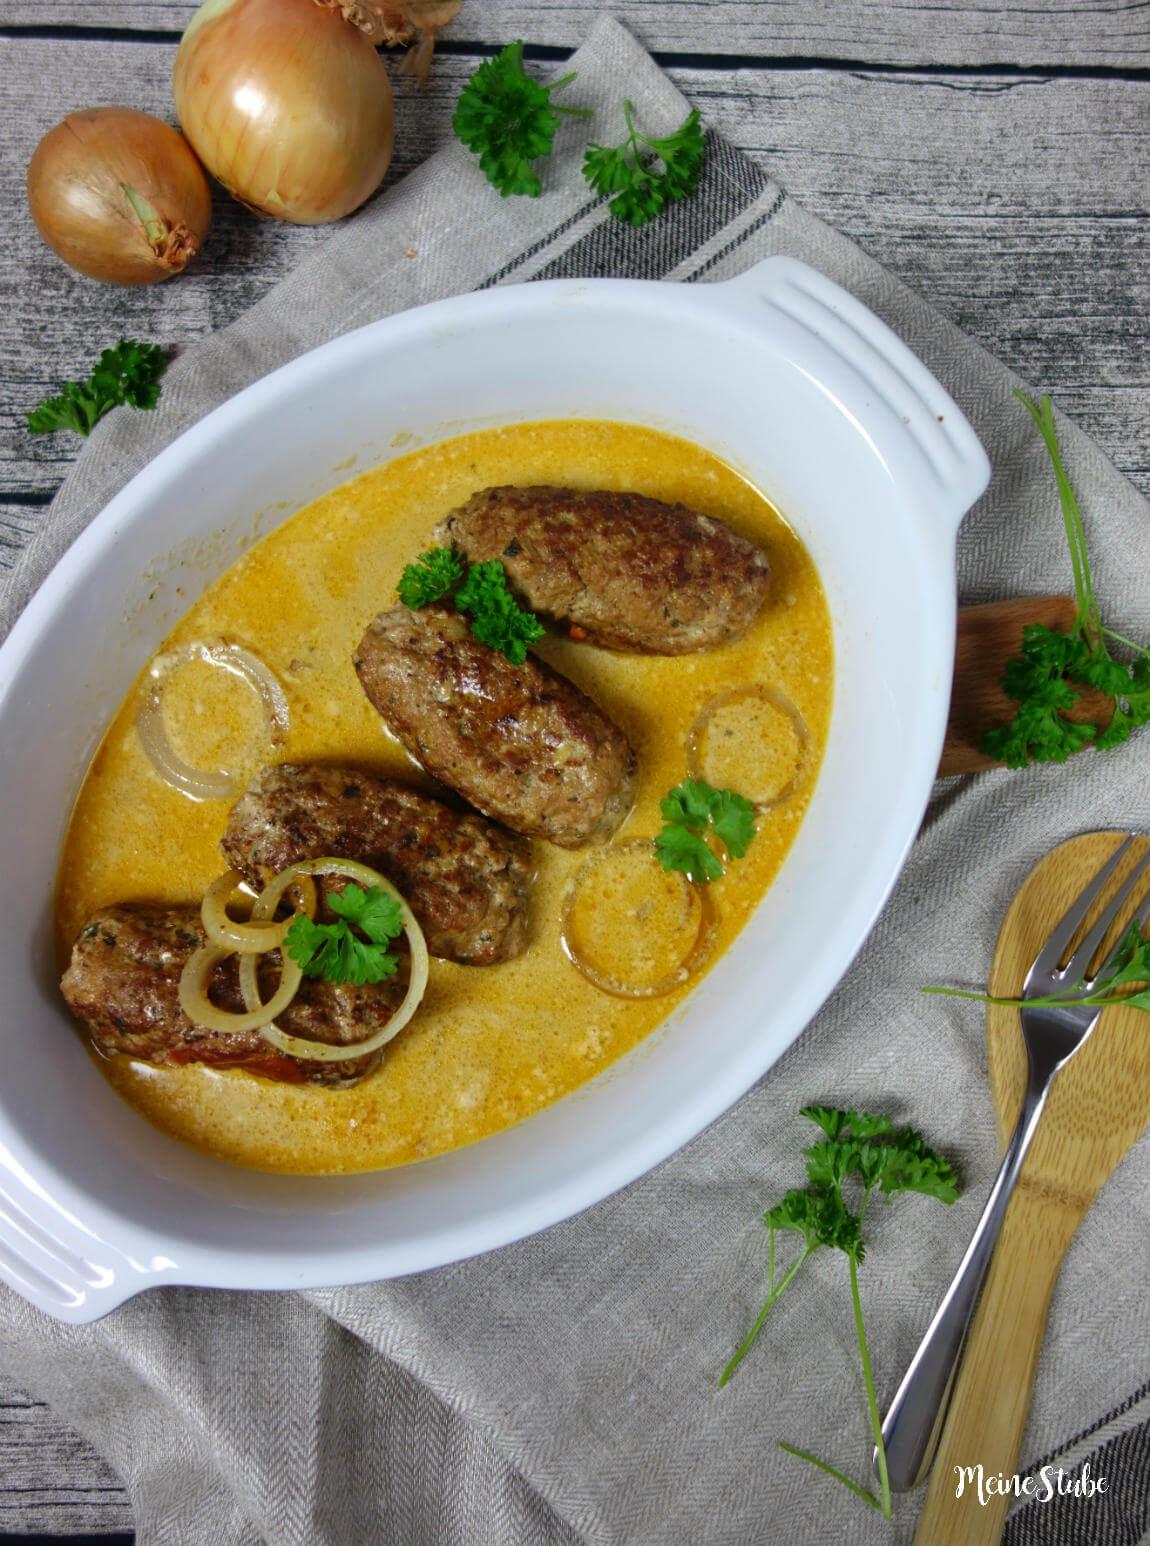 Hackfleisch-rouladen-meinestube mit Zwiebel Sahne Sauce